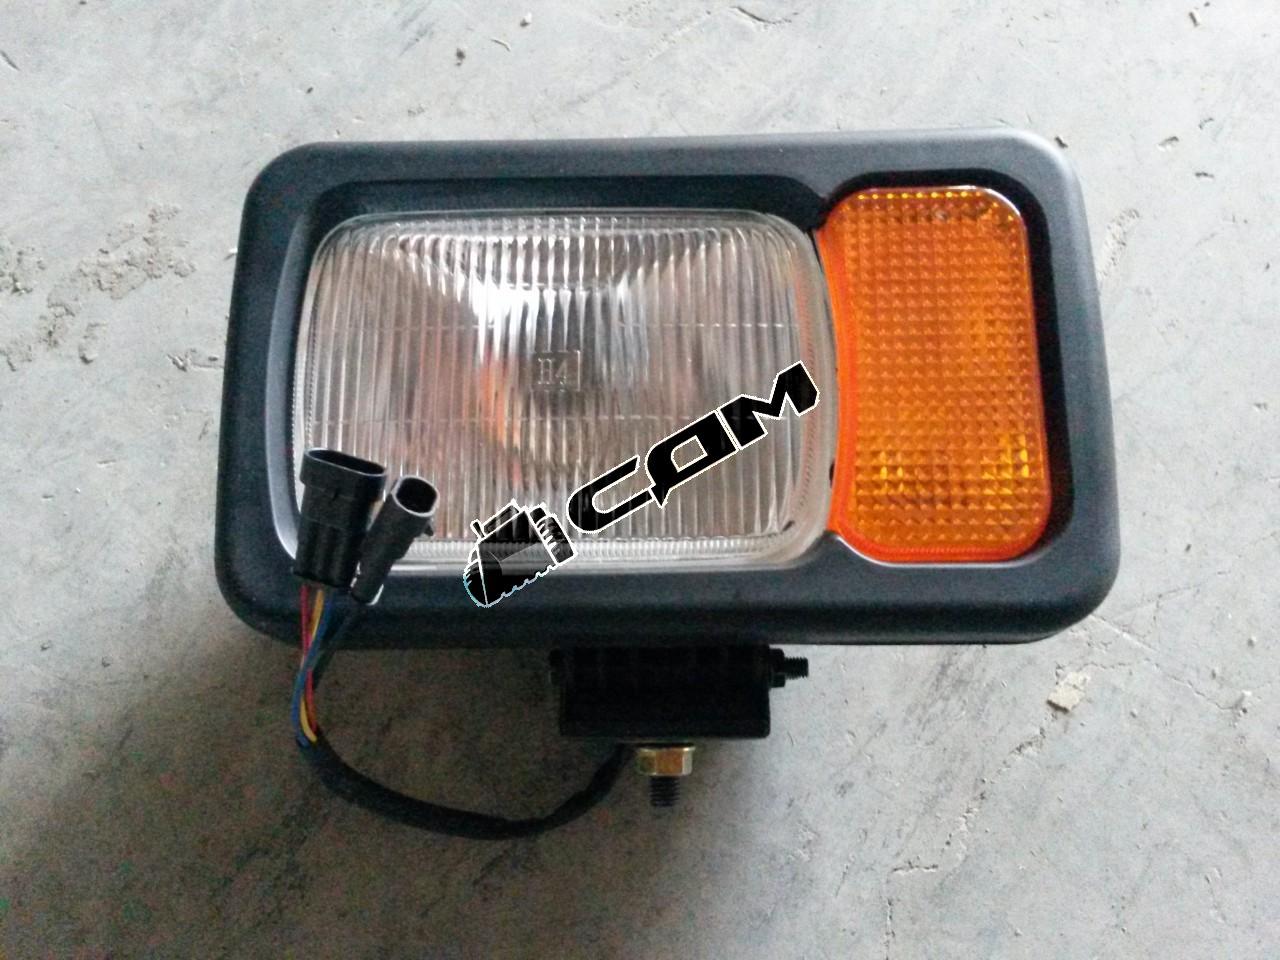 Блок-фара левая CDM835Е/856D LG833B.15I.10-01